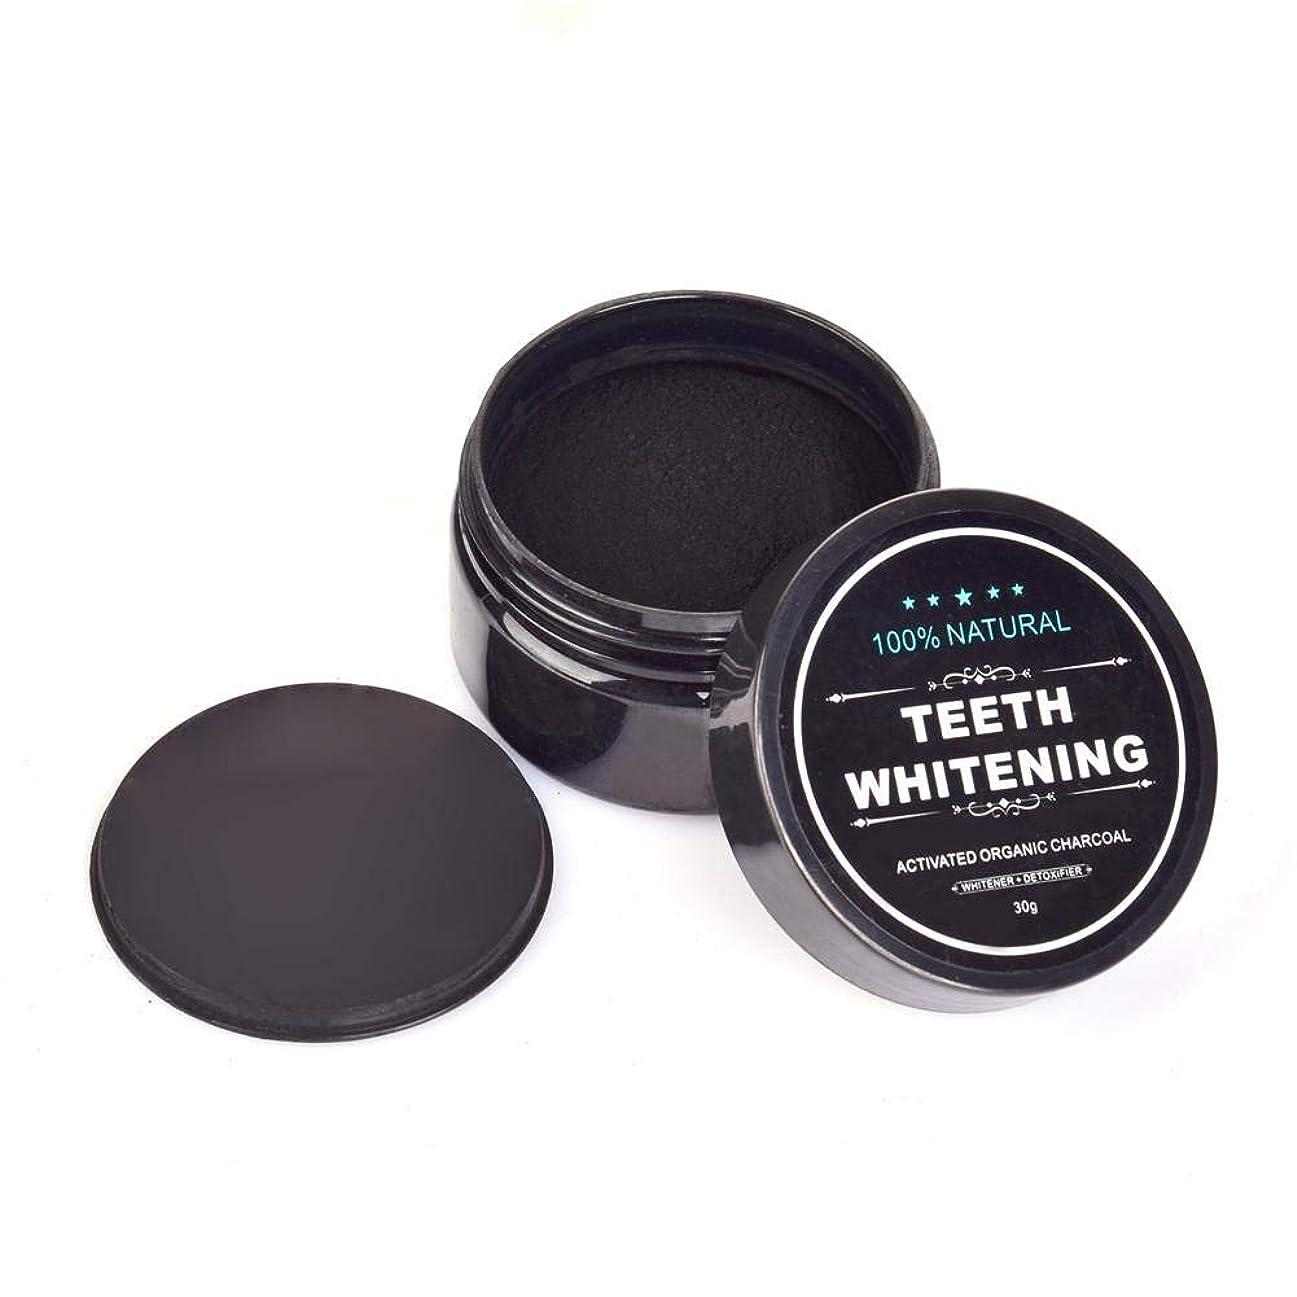 ハプニングポジション万一に備えてSILUN チャコールホワイトニング 歯 ホワイトニング チャコール型 マイクロパウダー 歯 ホワイトニング 食べれる活性炭 竹炭 歯を白くする歯磨き粉 活性炭パウダー